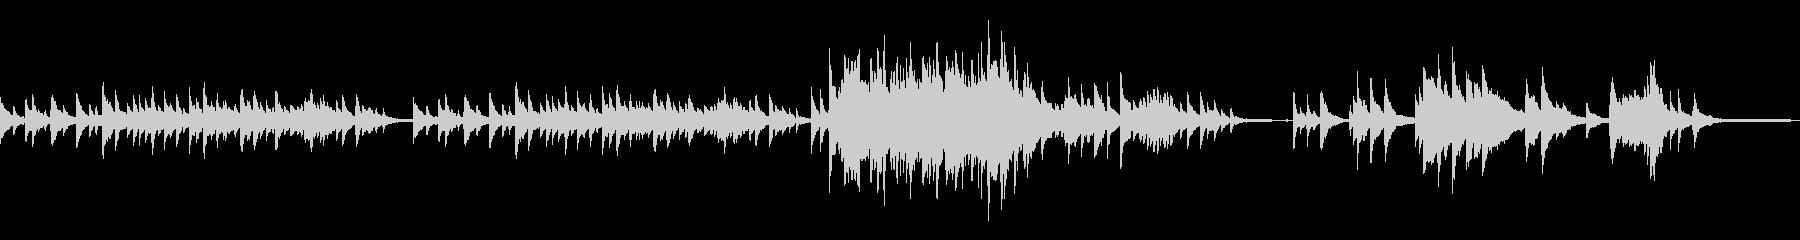 シンプルで切ないピアノ曲の未再生の波形